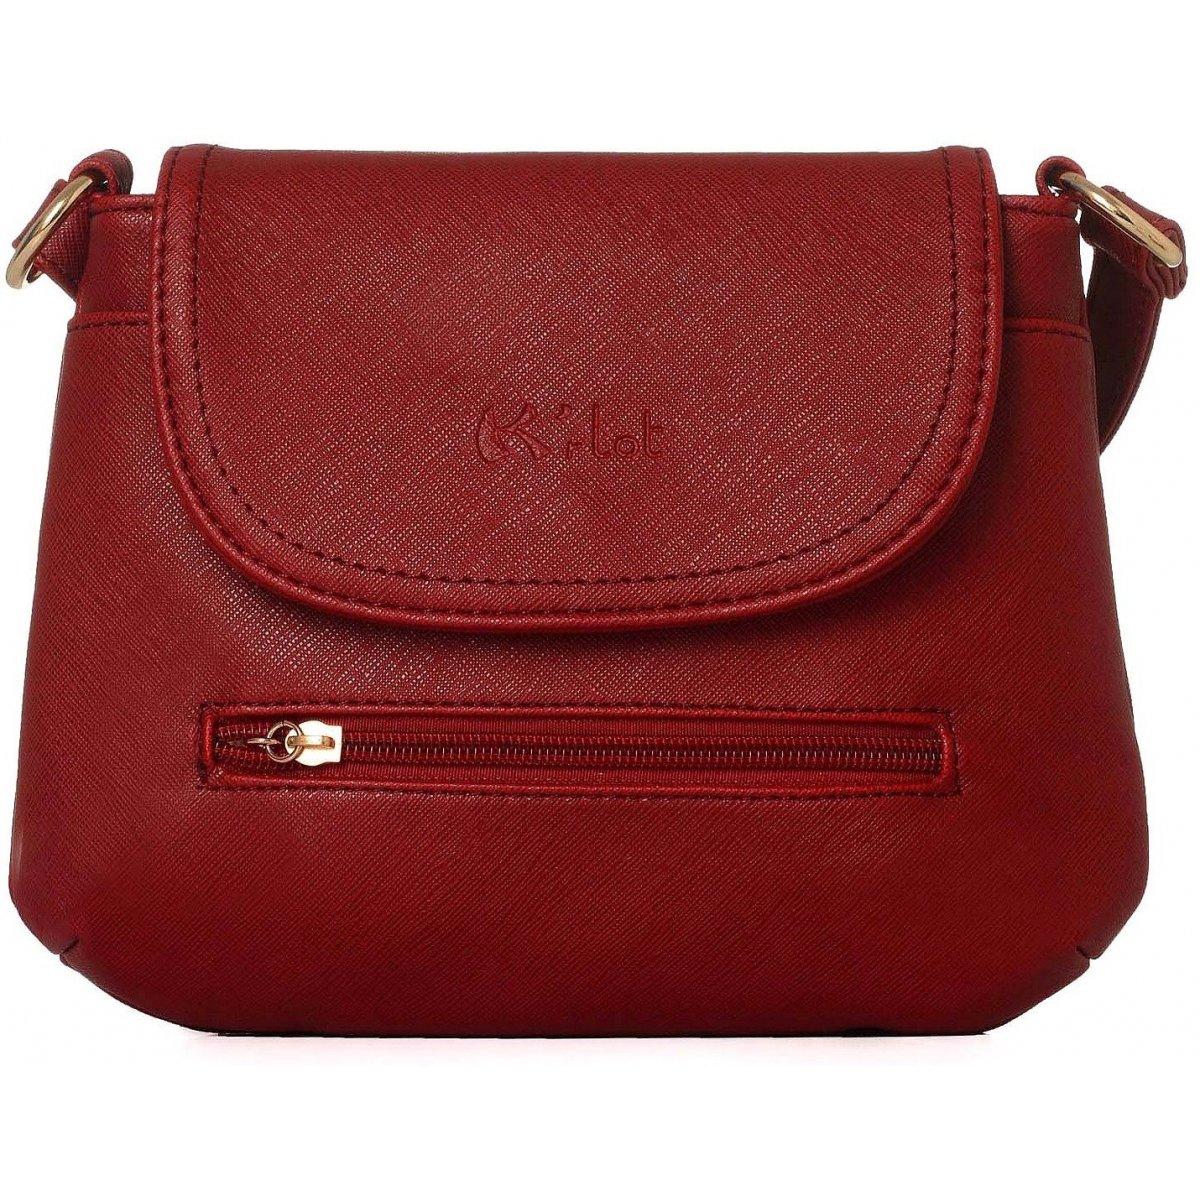 sac pochette bandouli re krlot fkg0231 couleur principale rouge. Black Bedroom Furniture Sets. Home Design Ideas